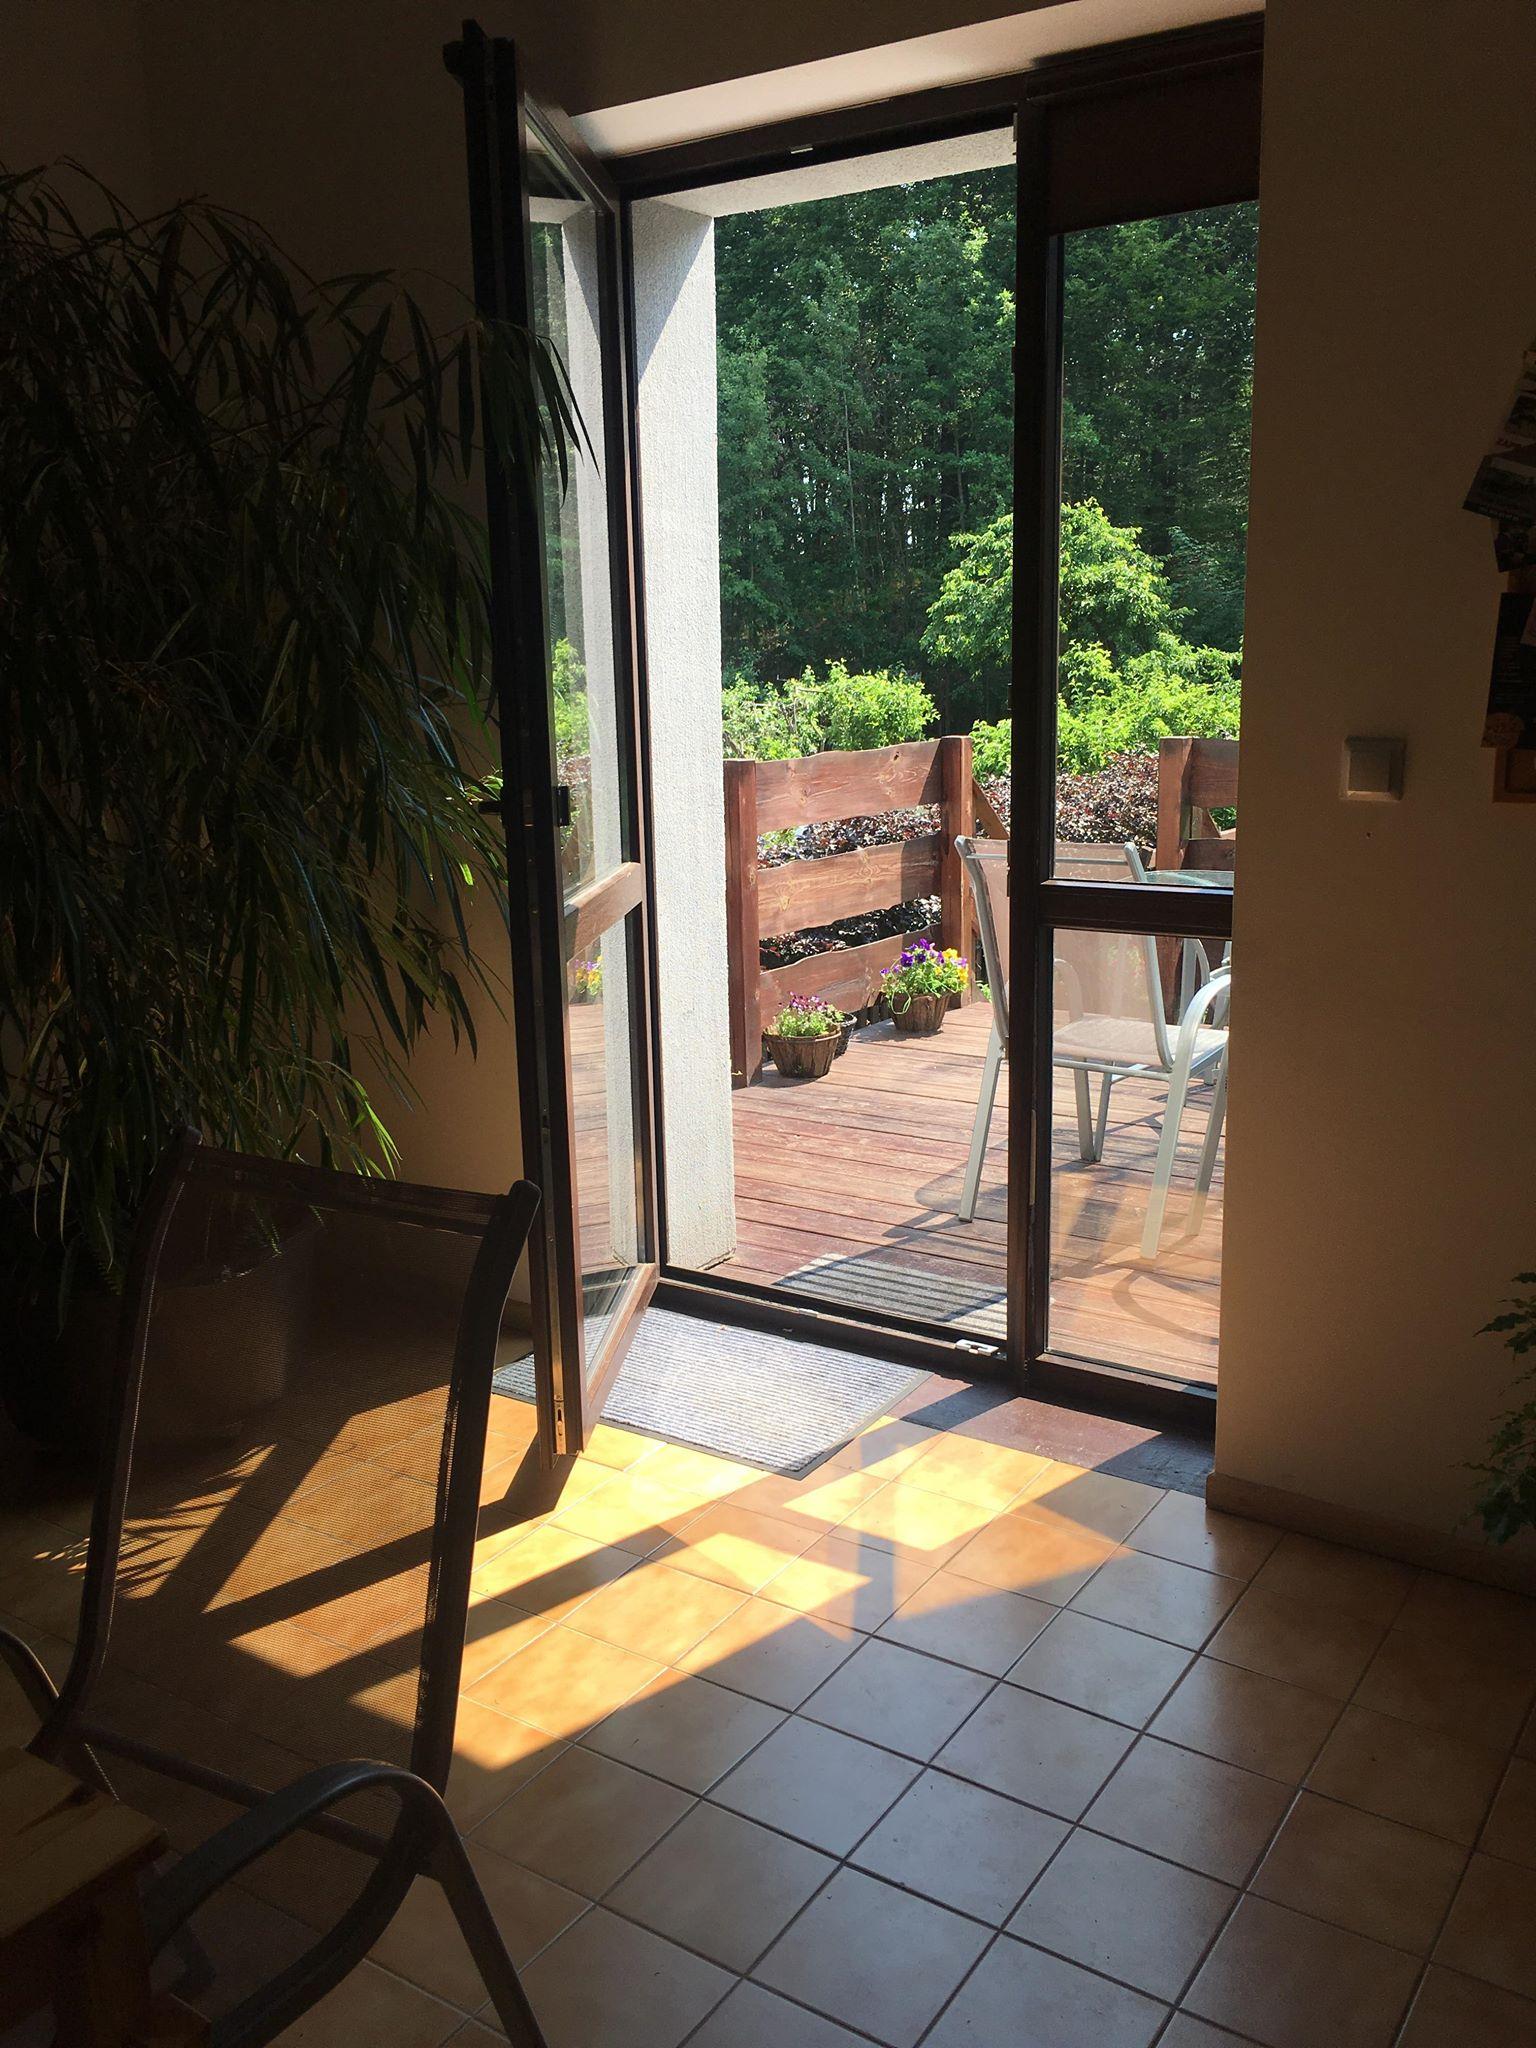 salon z kominkiem, taras i ogród   pokoje nad jeziorem łagowskim